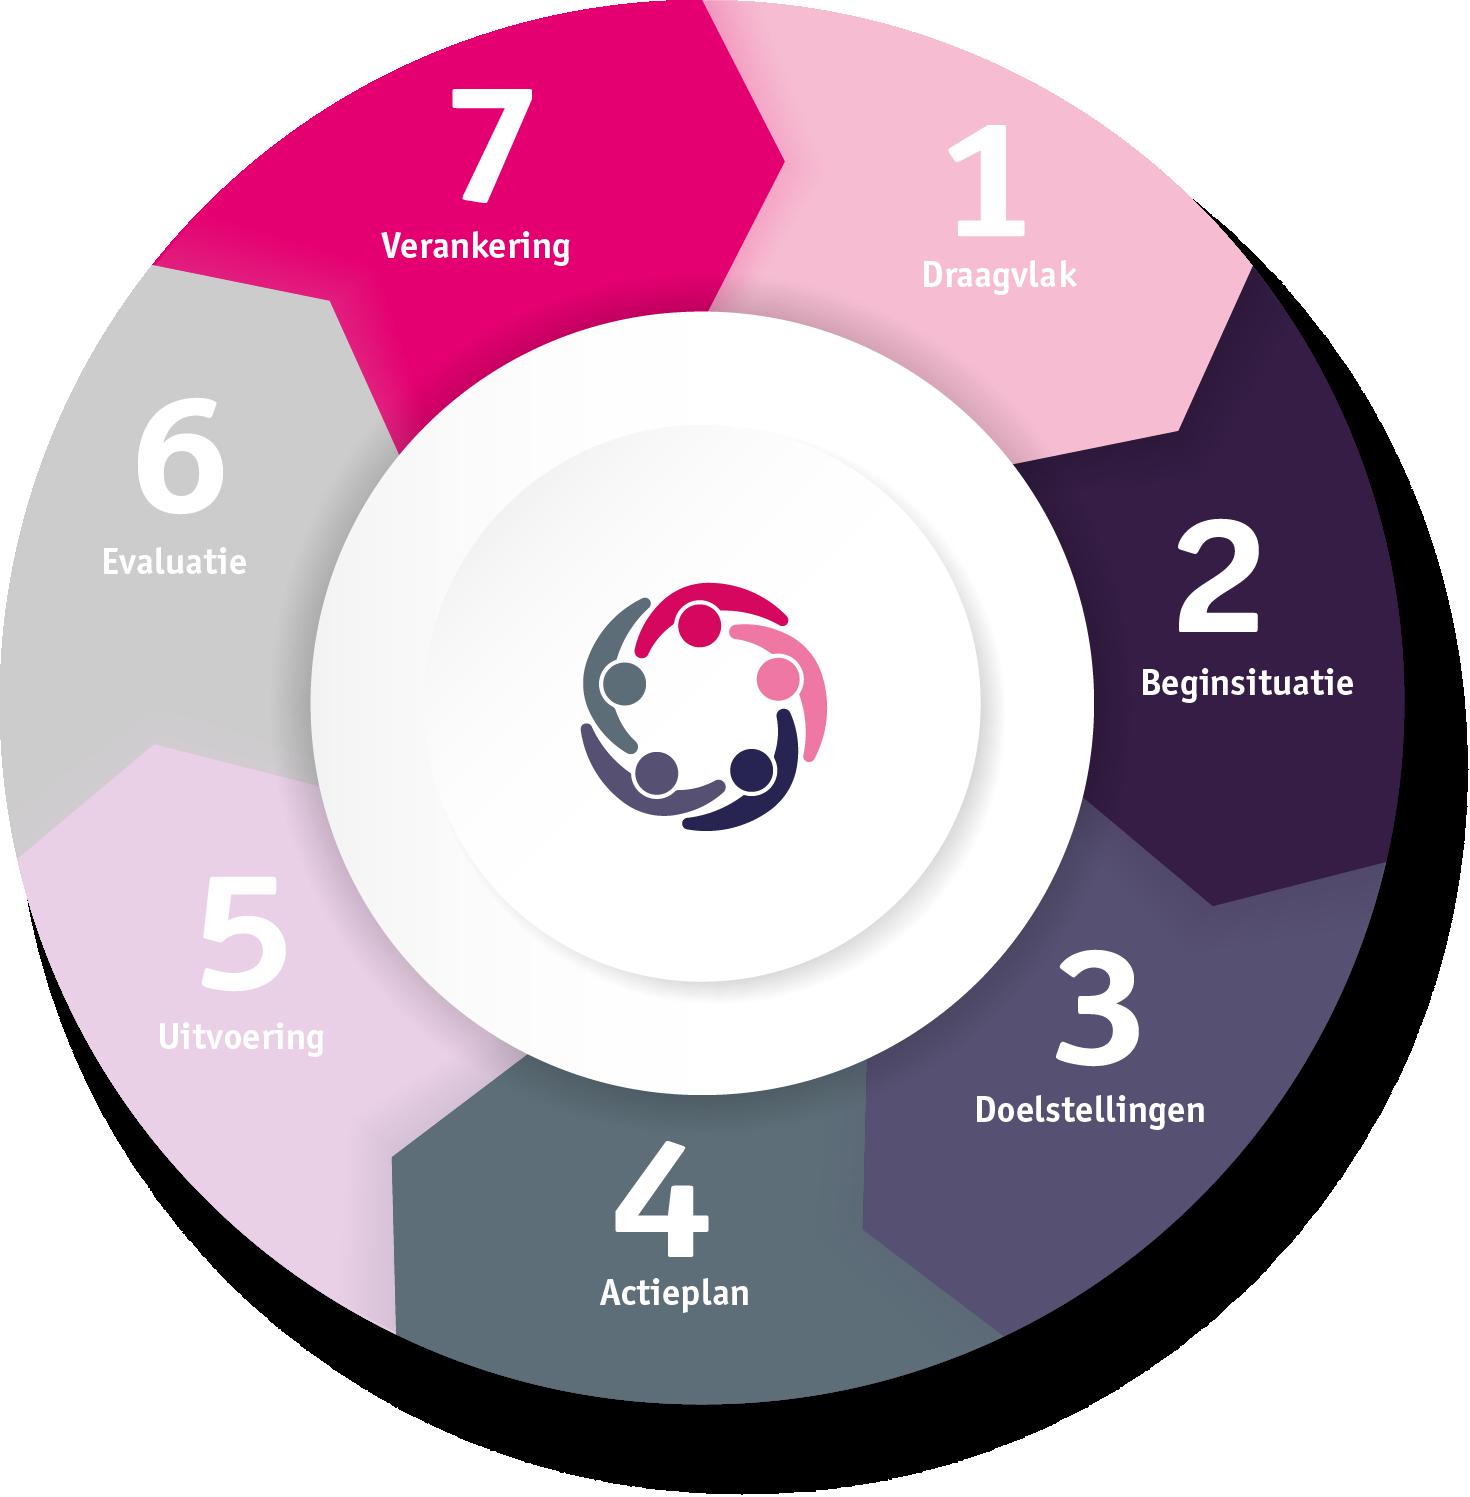 In 7 stappen naar beleid